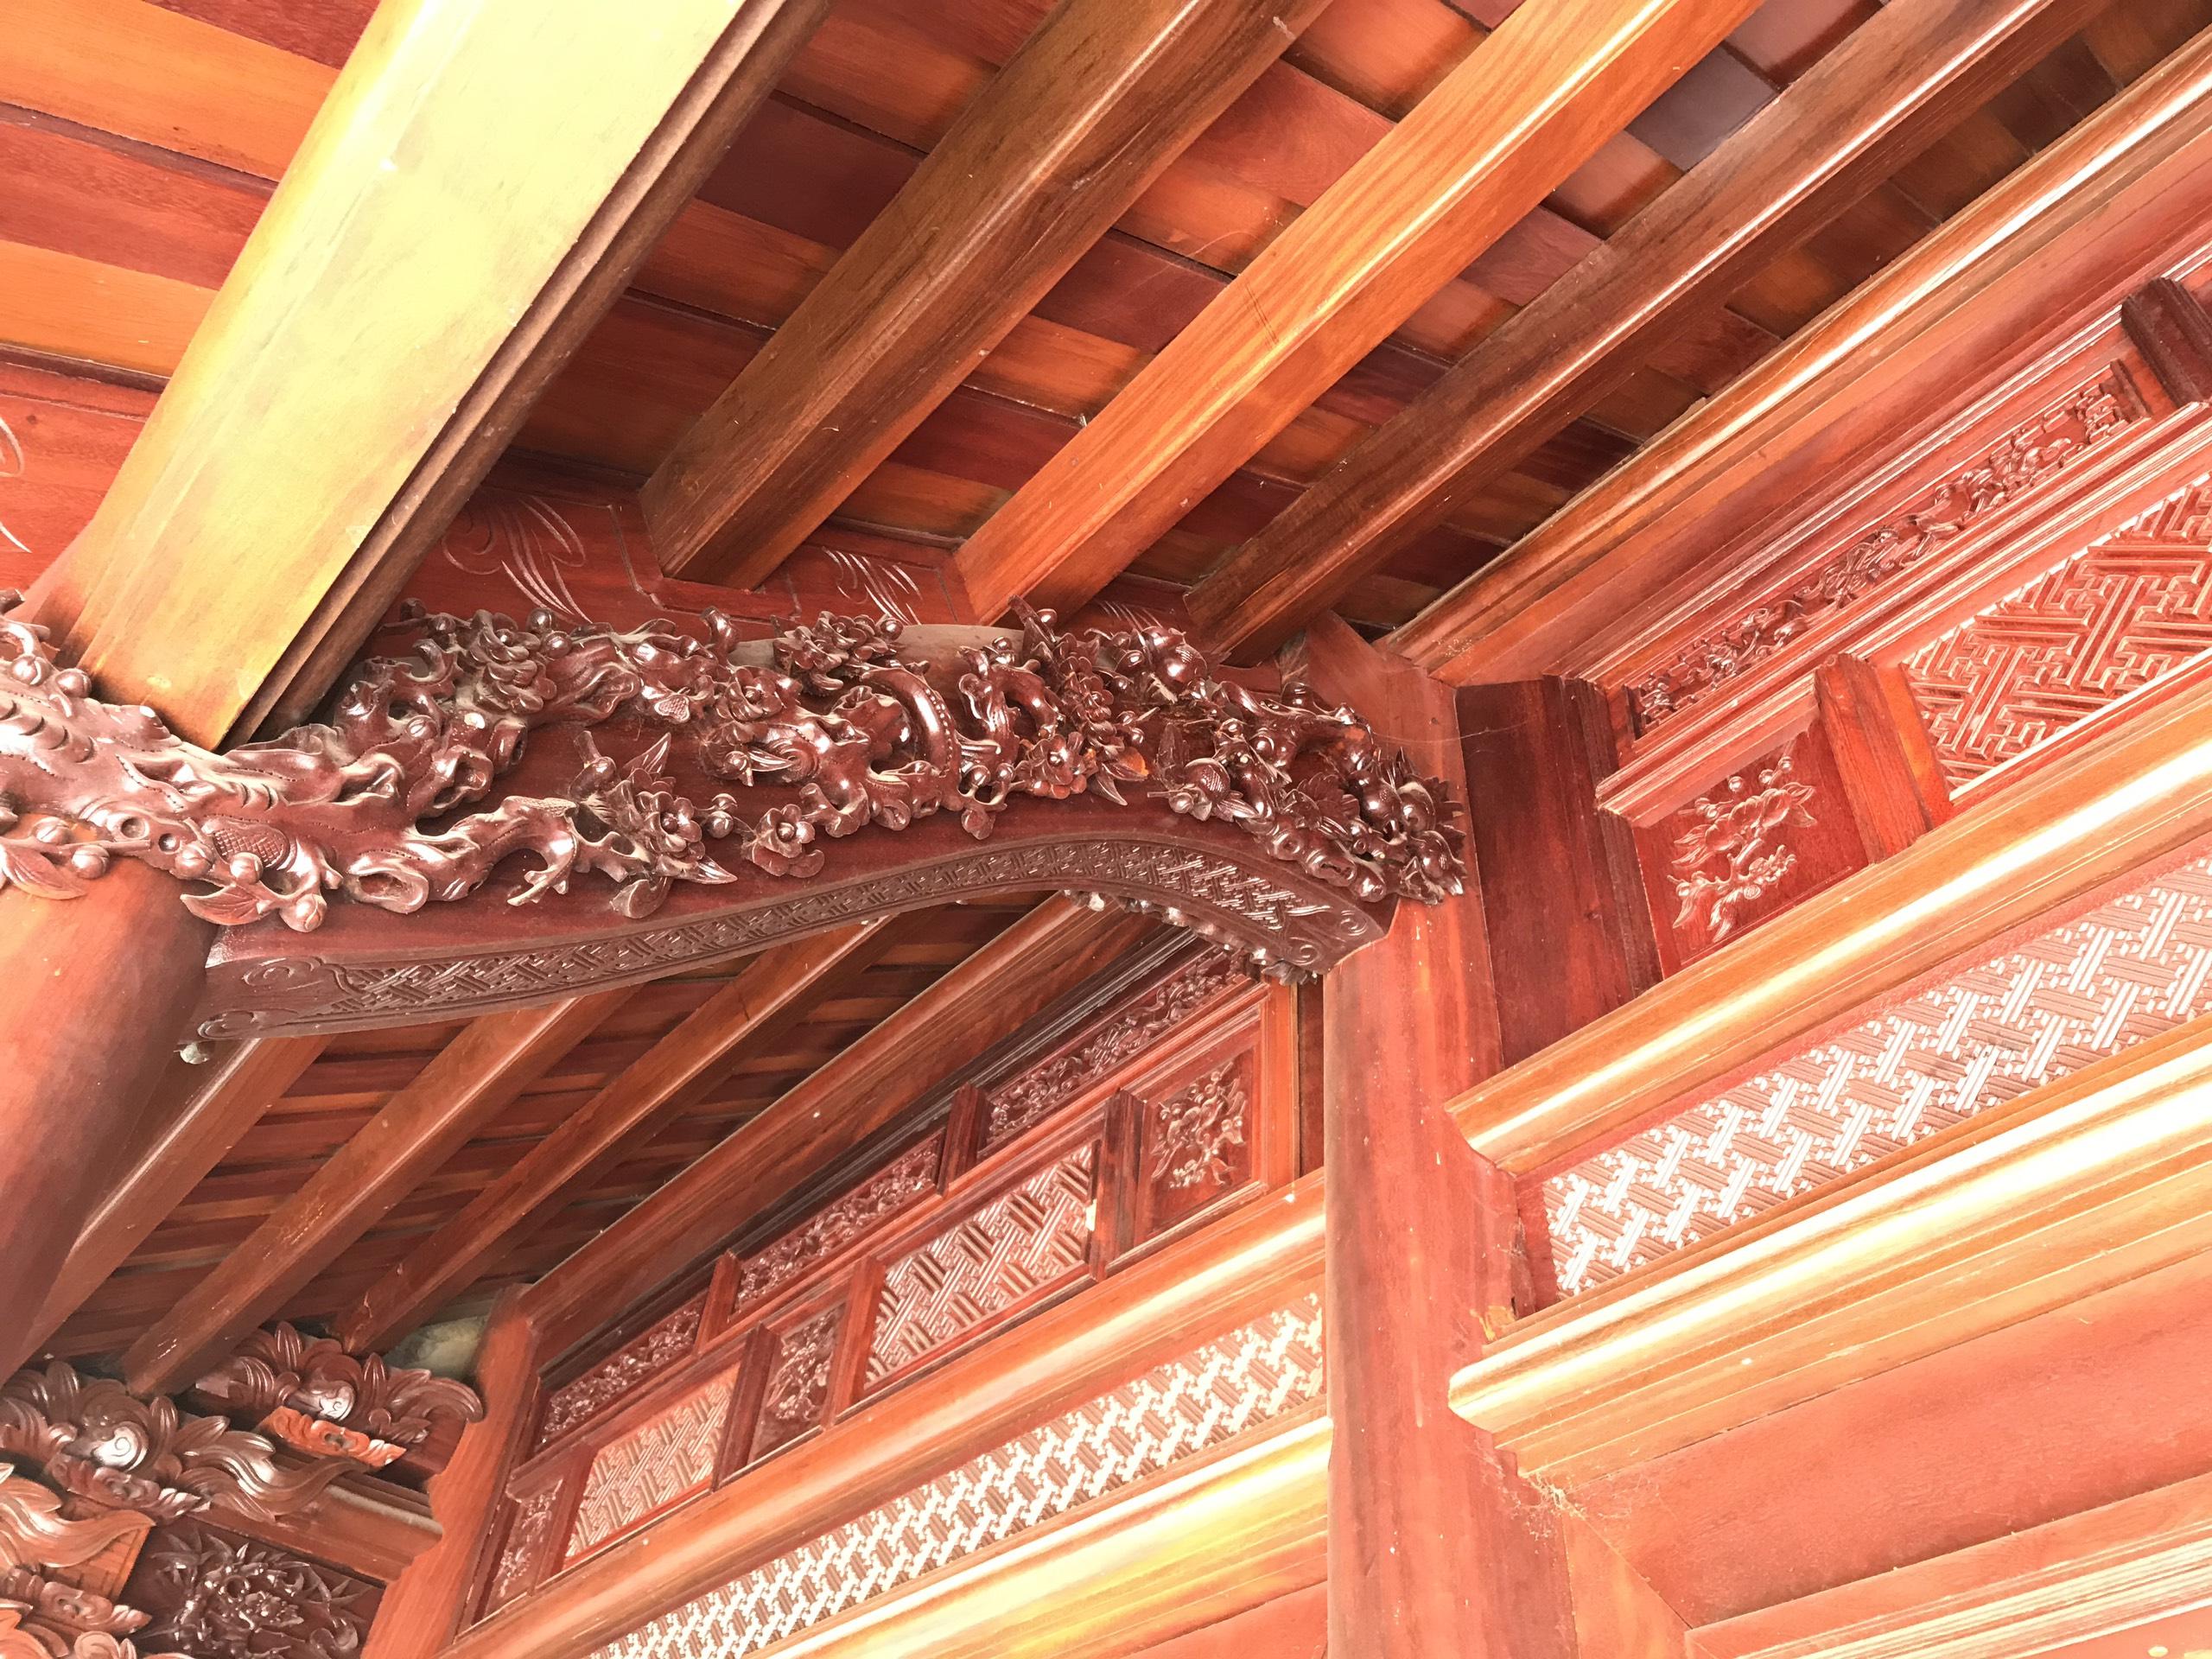 nha cot - Nhà Gỗ Lim - Nhận Thiết Kế & Thi Công